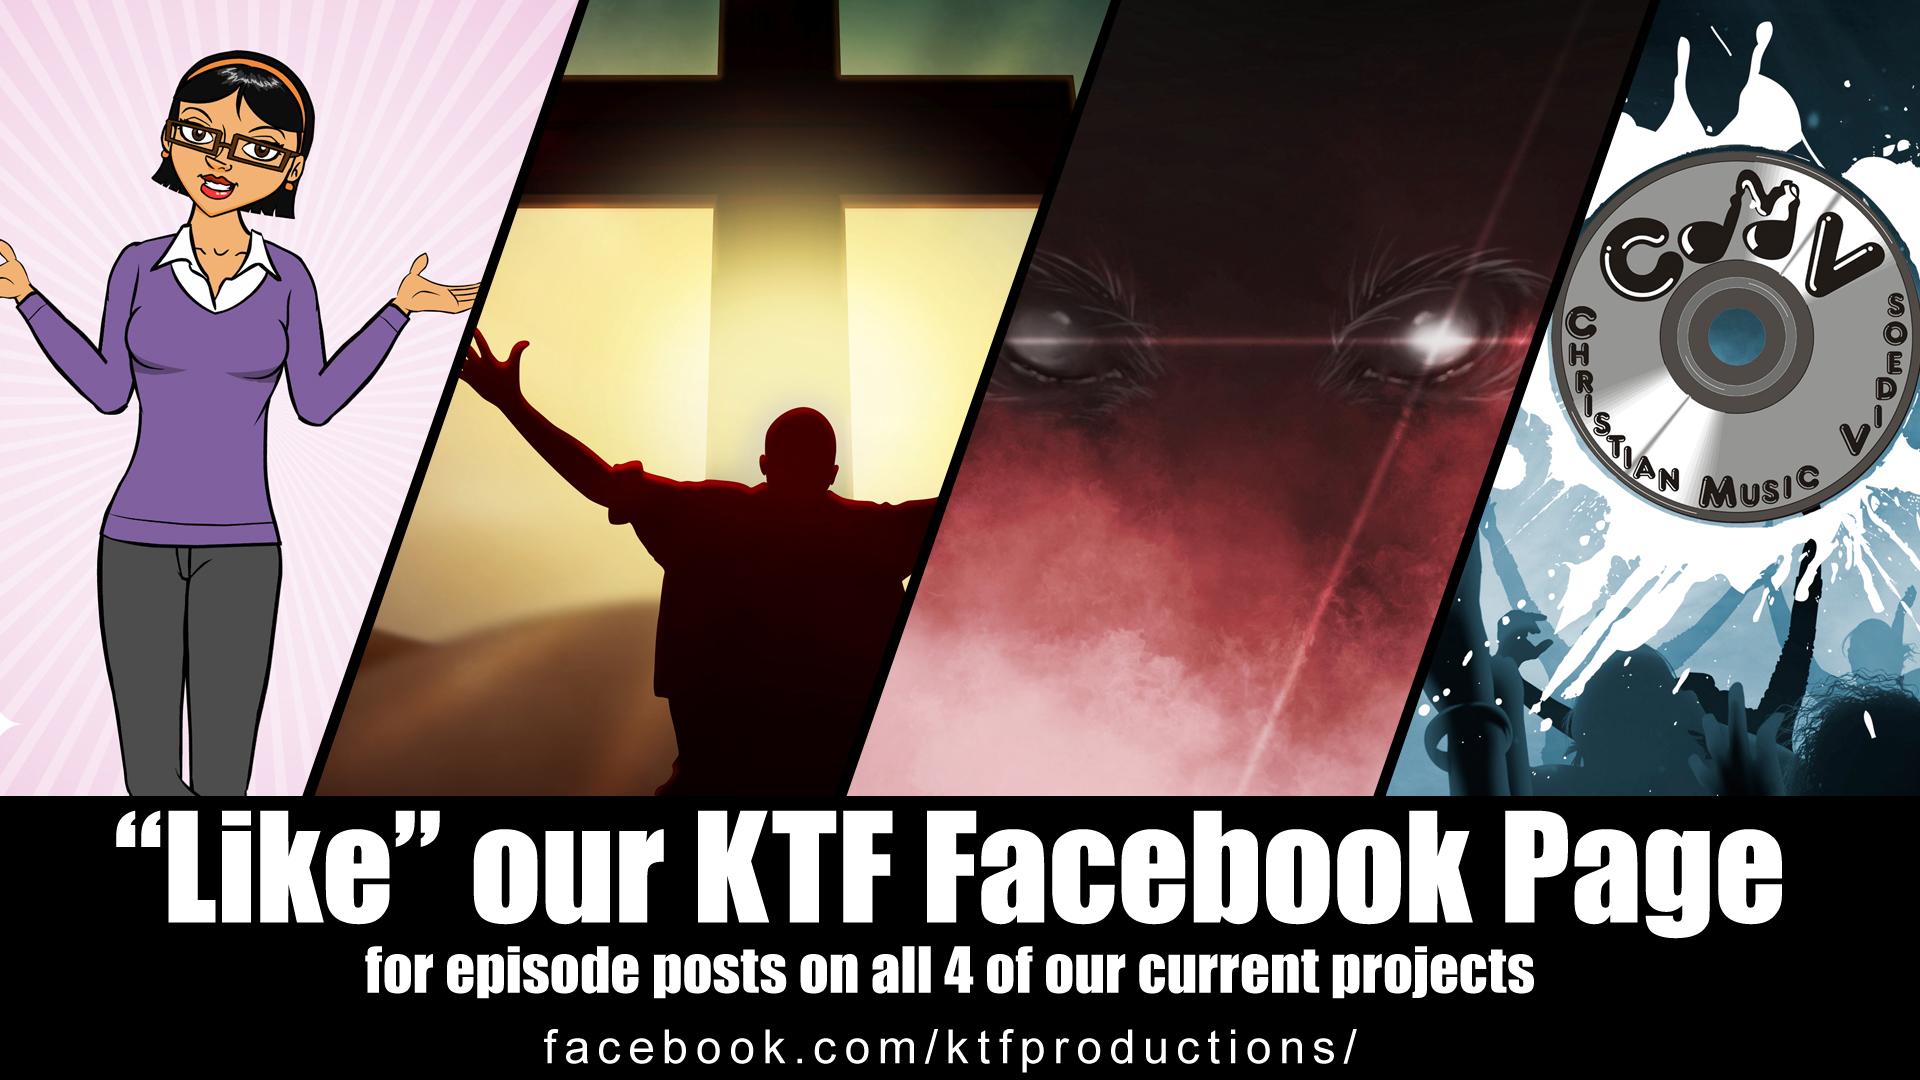 KTFFacebookPromo.jpg